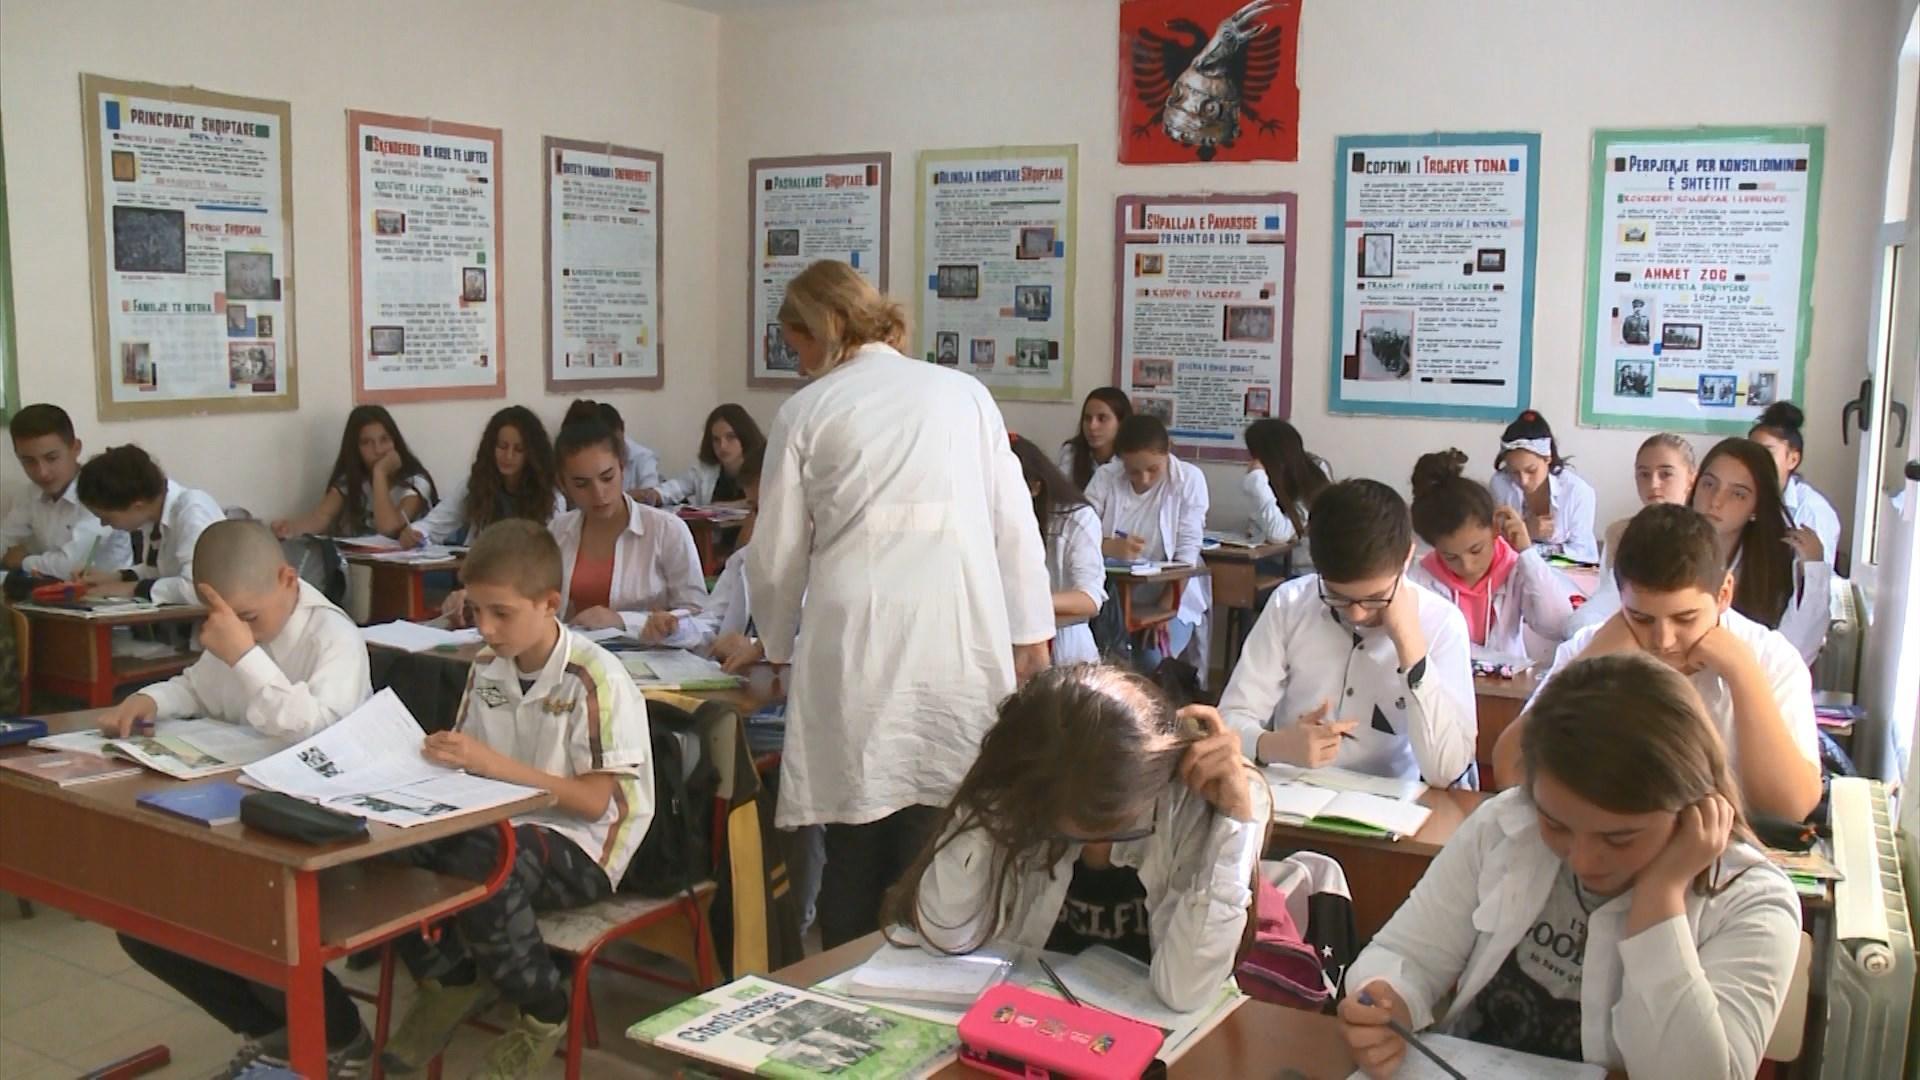 134 mijë nxënës dhe studentë më pak se katër vite më parë